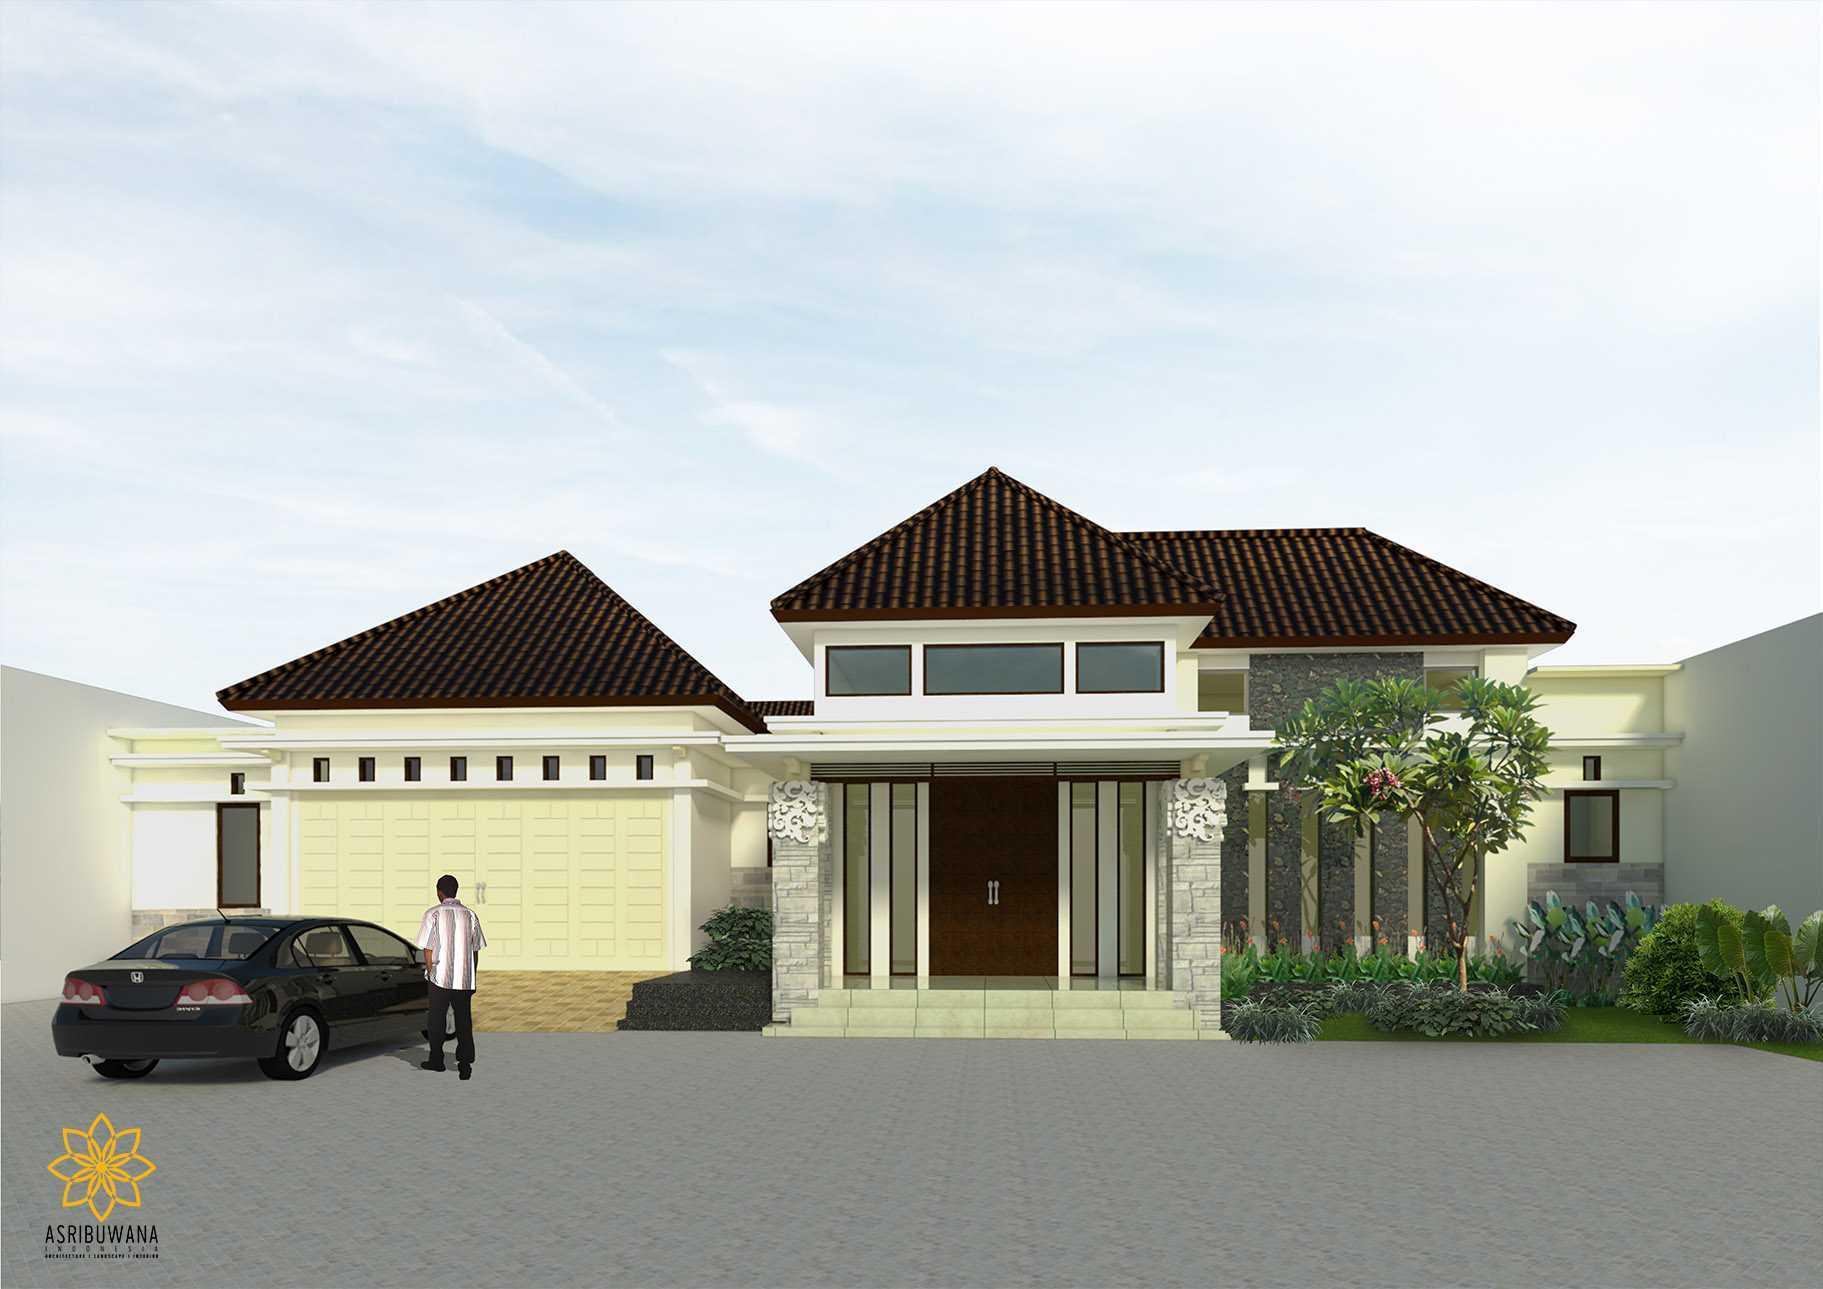 Jasa Design and Build Asribuwana Indonesia di Kediri